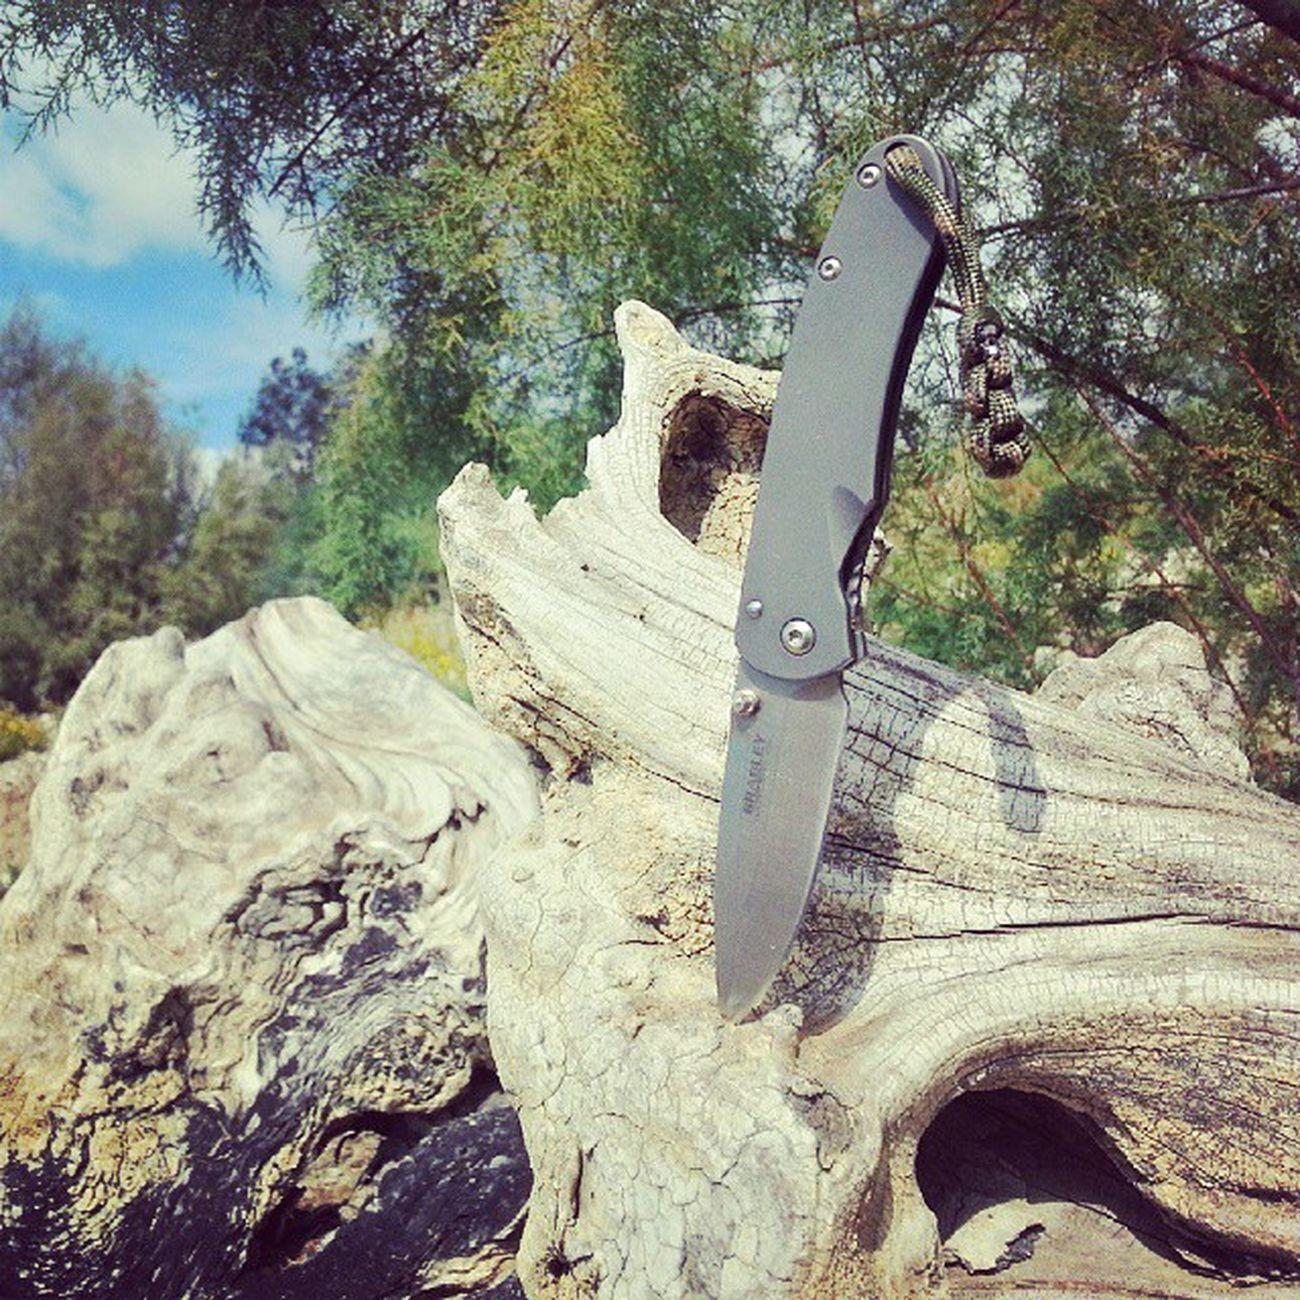 Bradleyalias Pocketknife EDC S30v